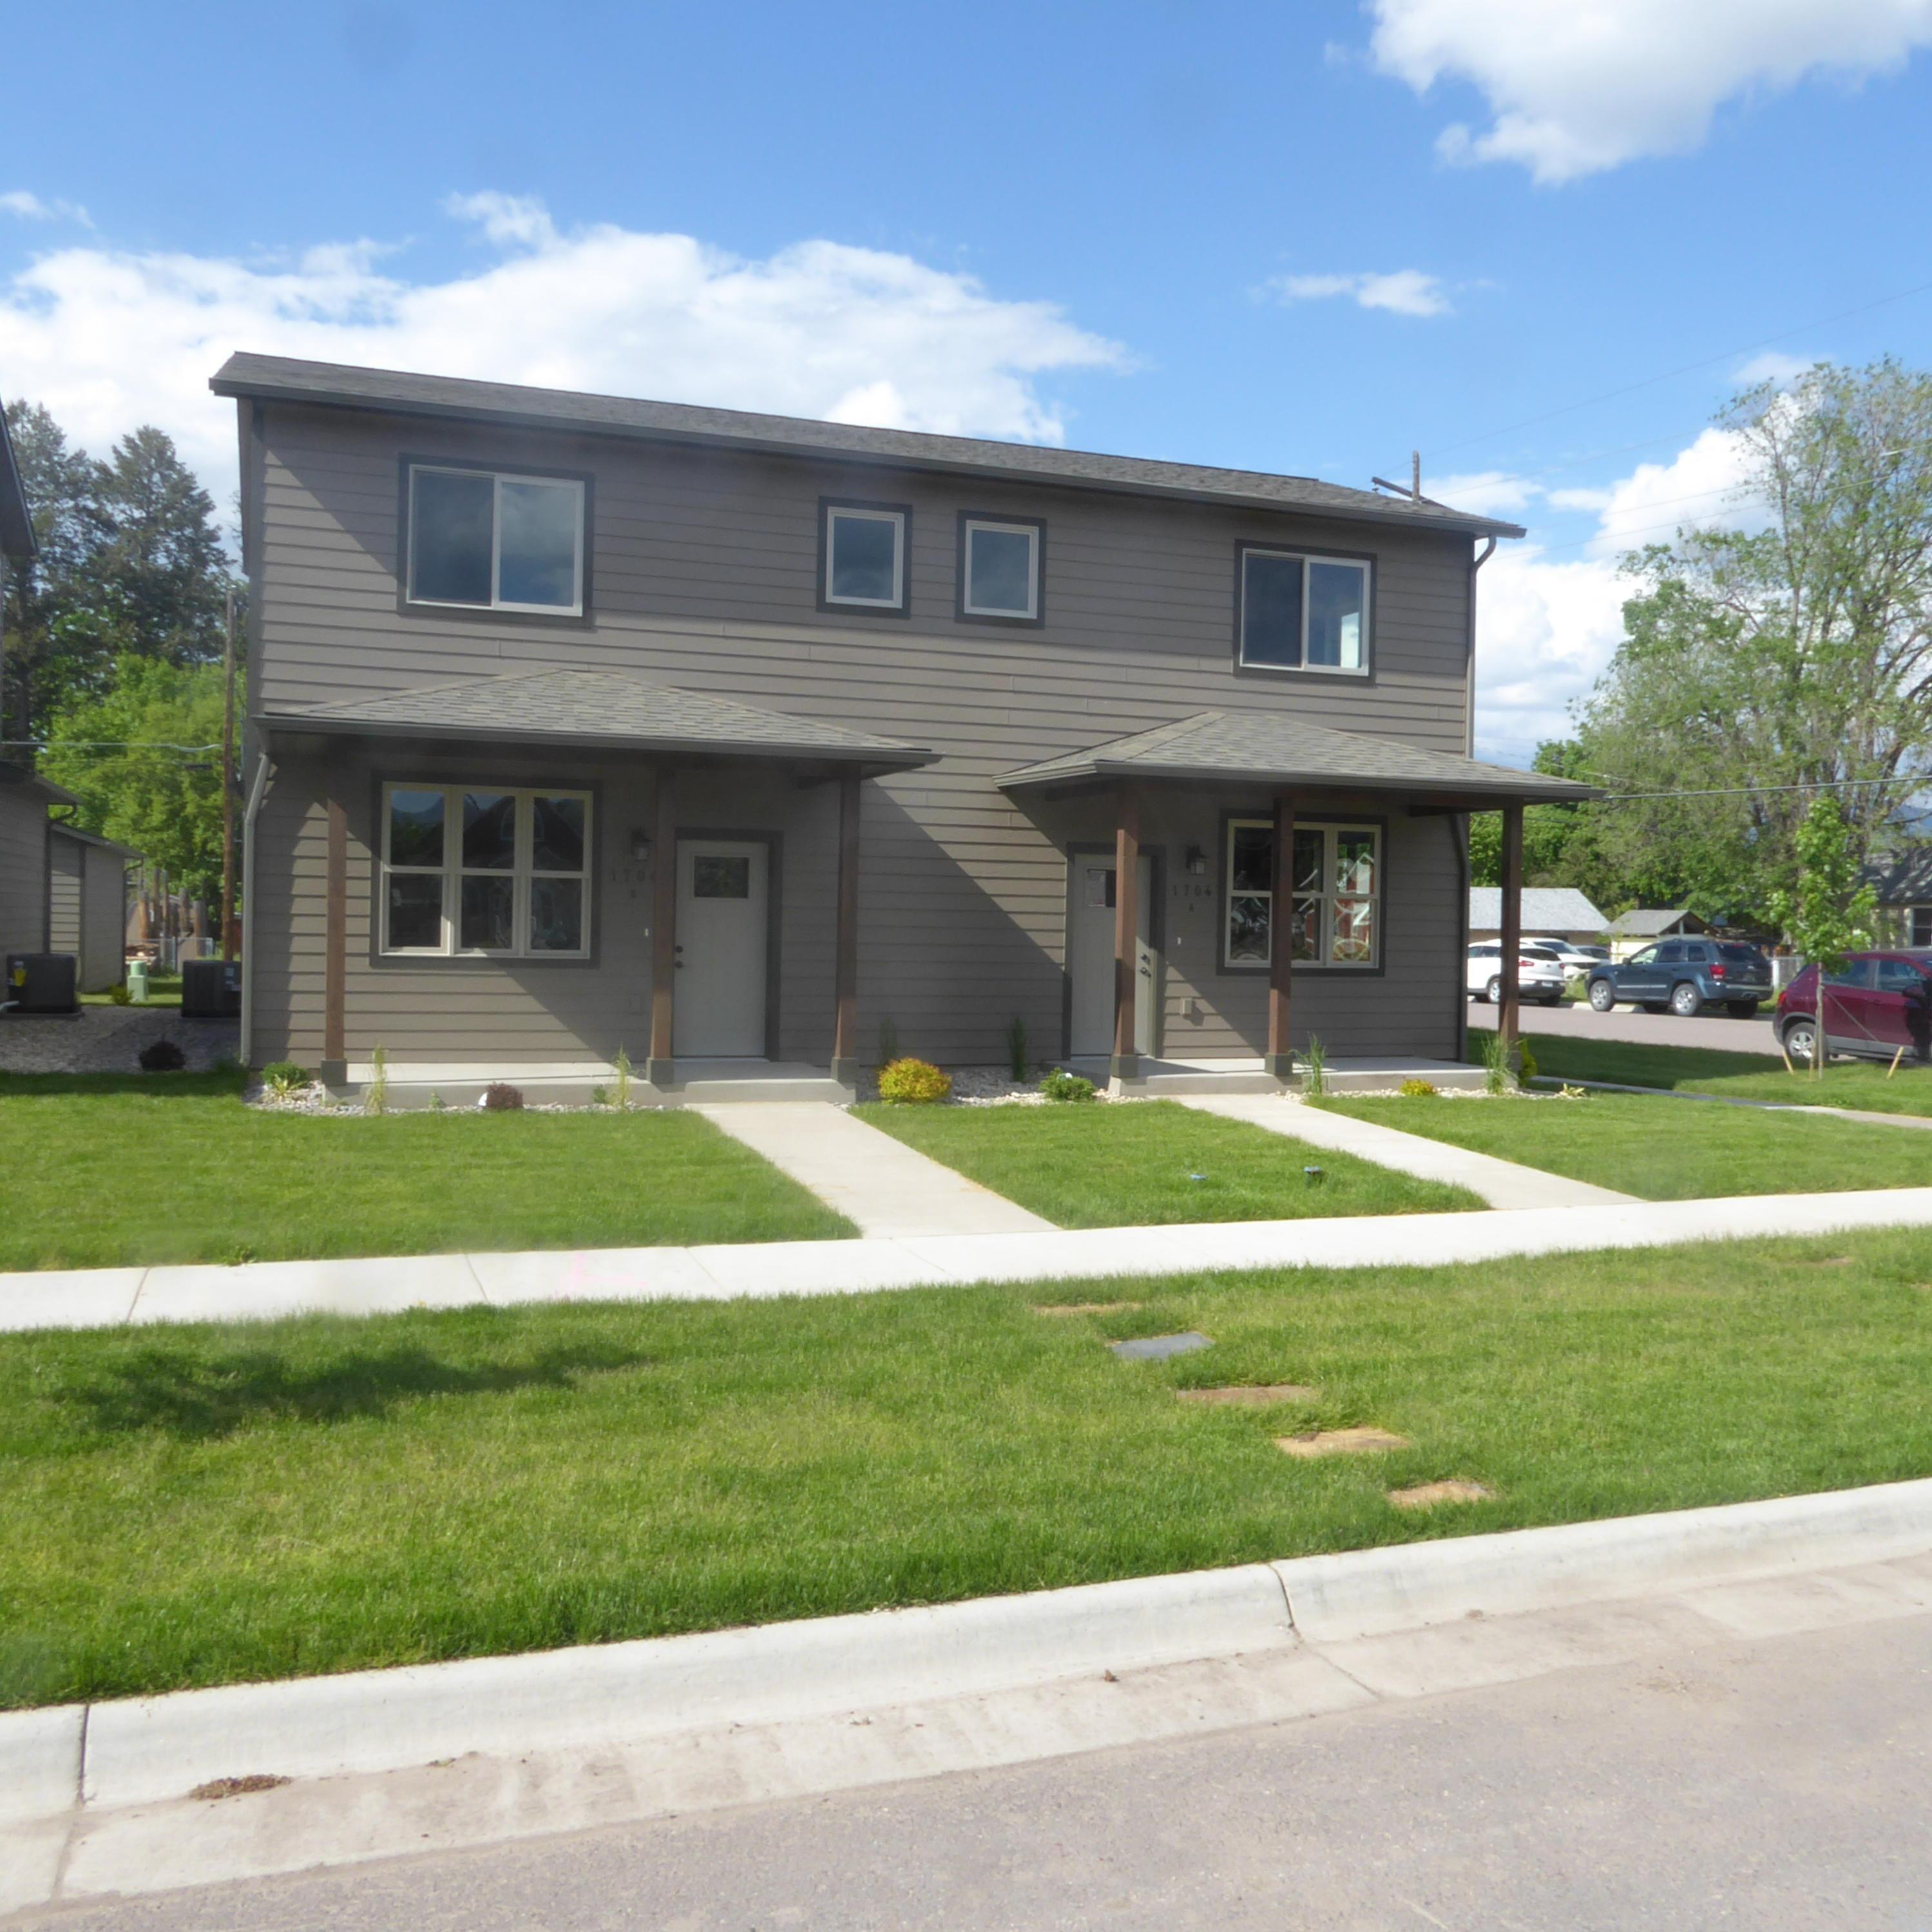 1704 B S 8th Street, Missoula, MT 59801